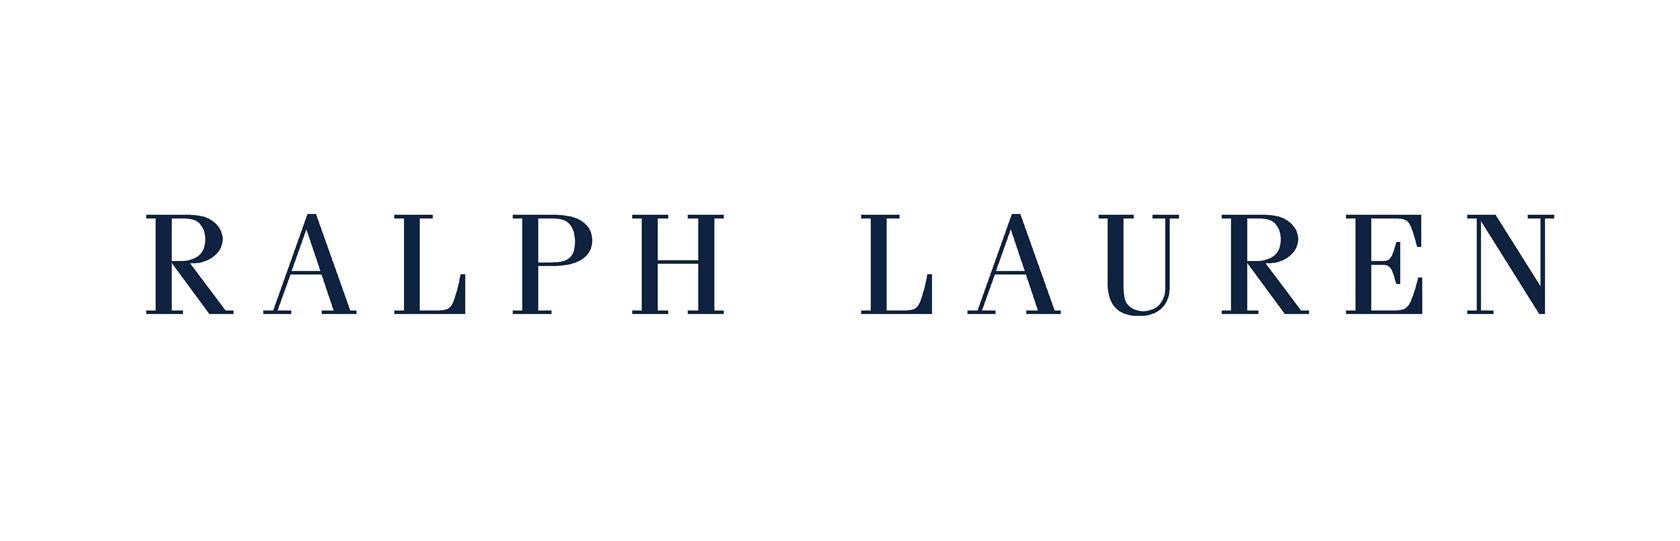 RalphLauren Home4 |Fanoflex